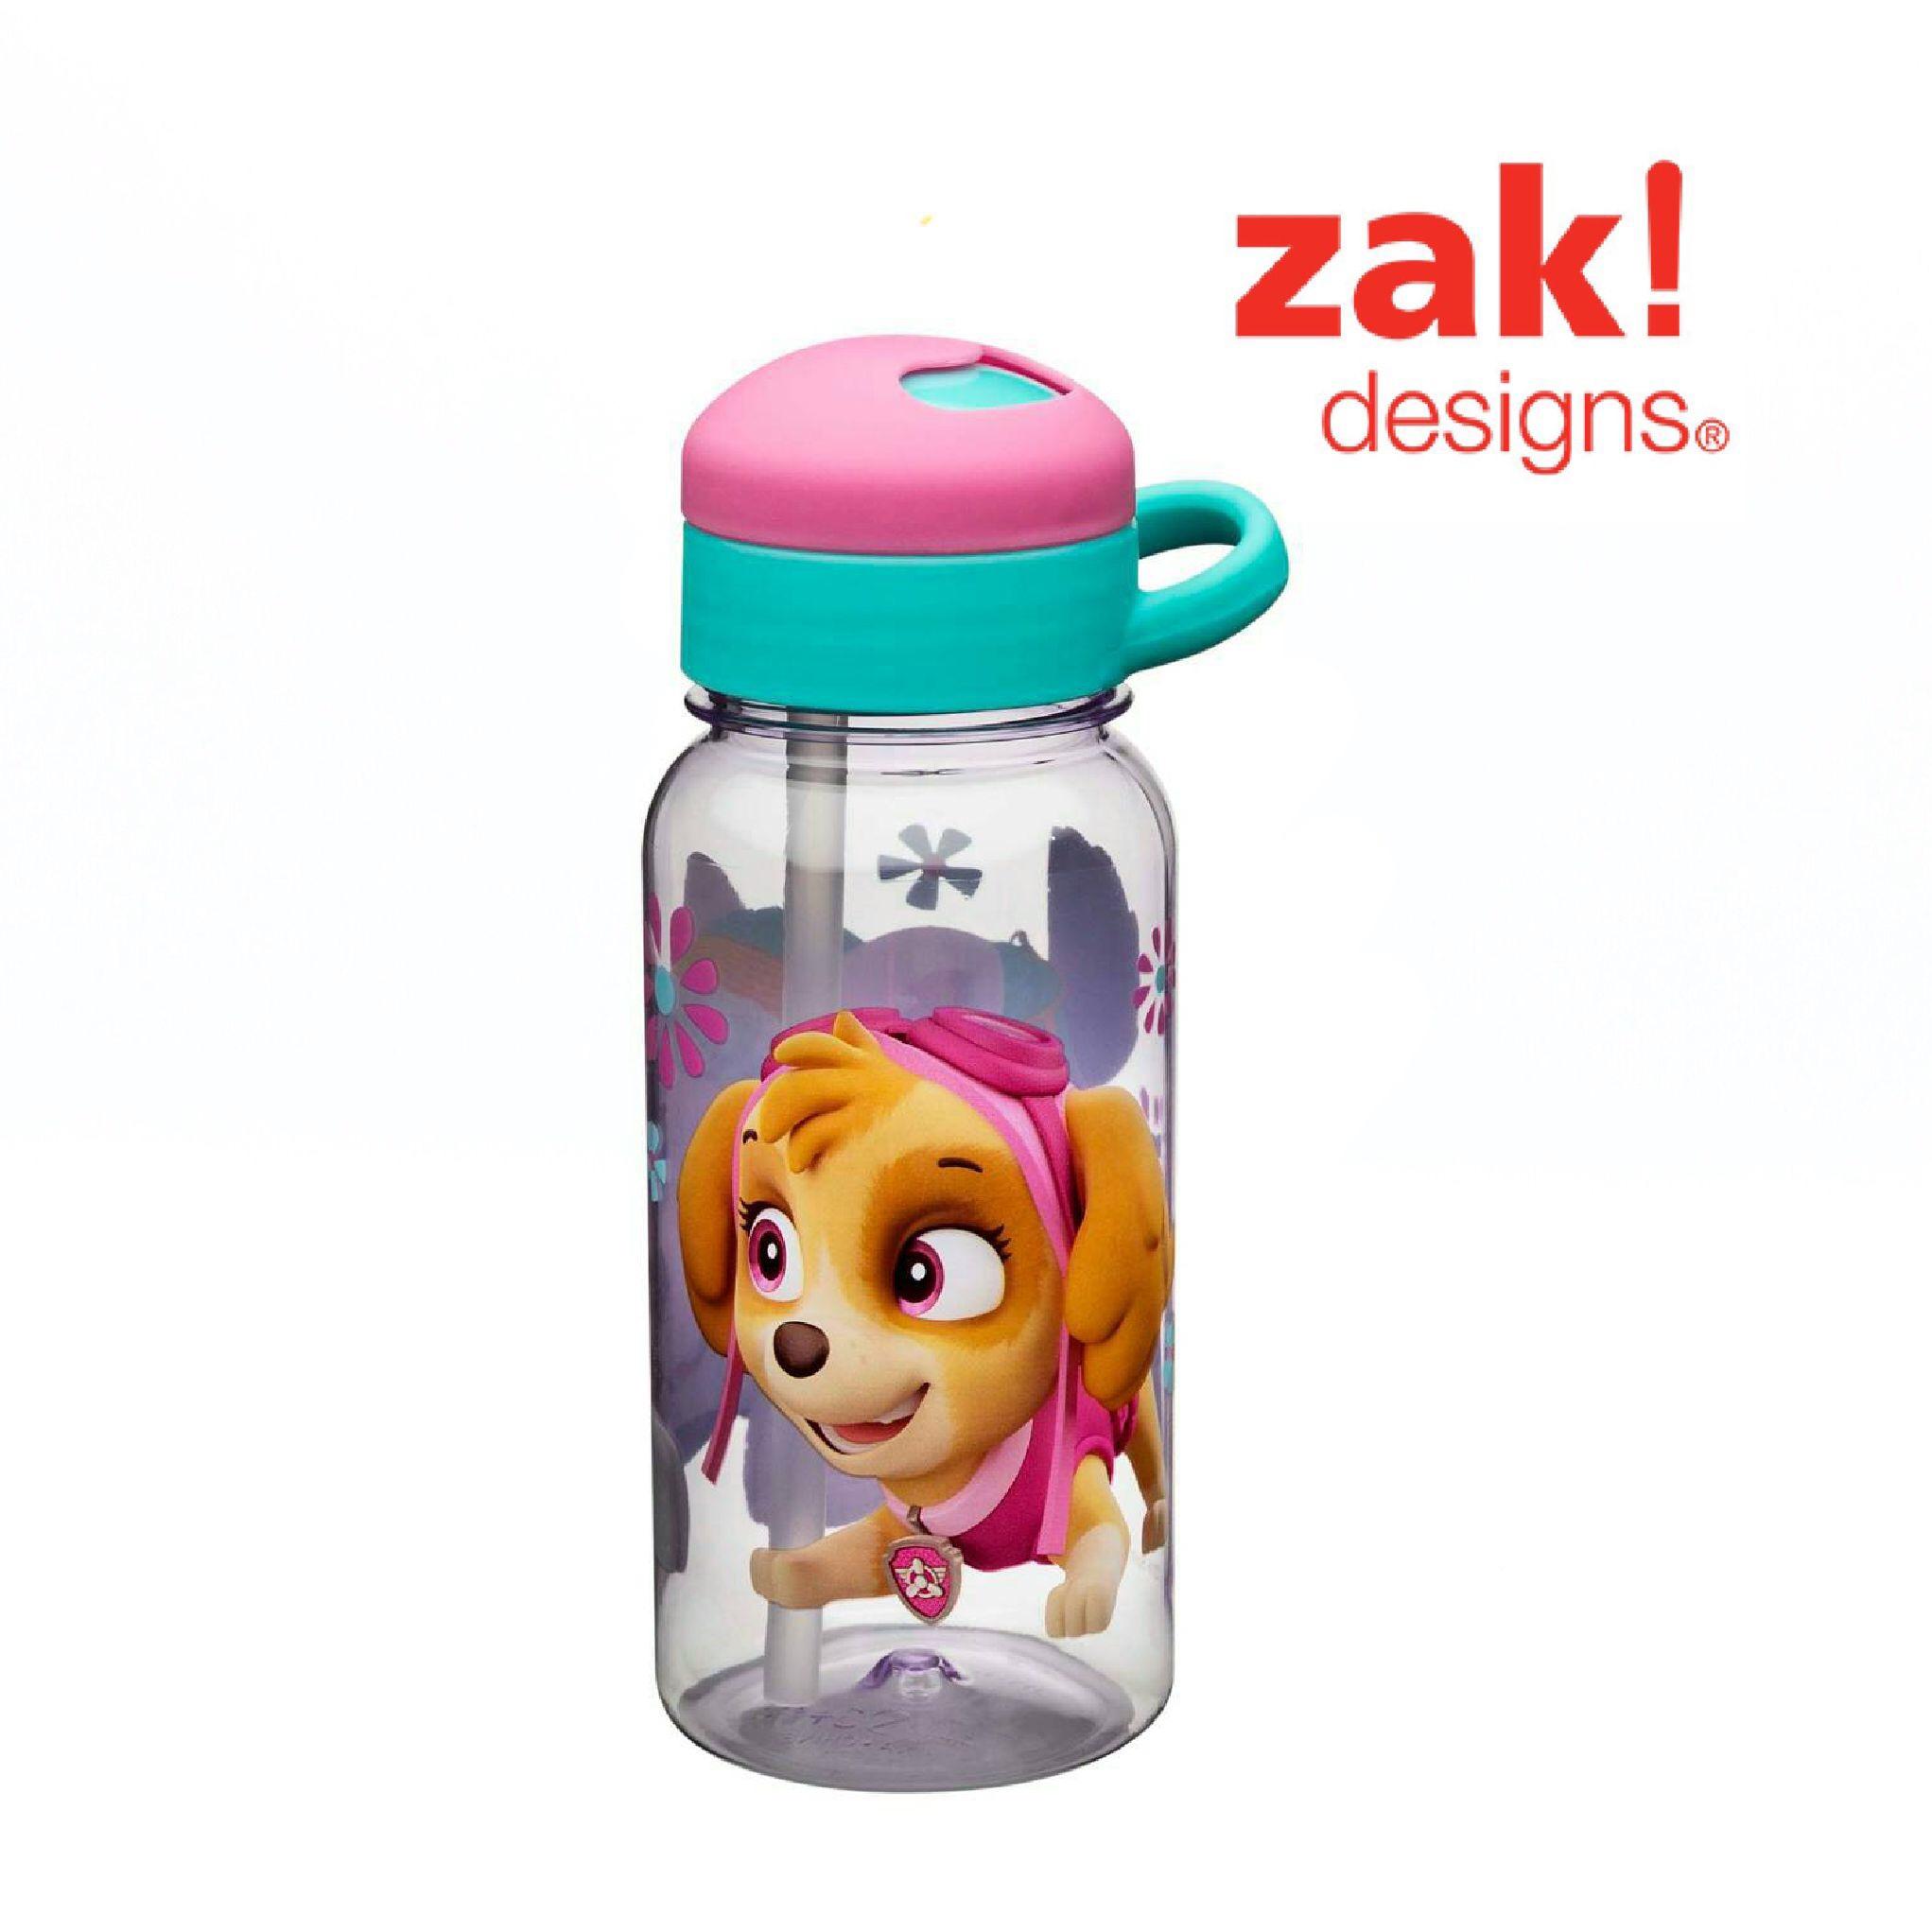 กระติกน้ำแบบหลอดดูดสำหรับเด็ก Zak! Designs 14 Oz. Water Bottle with Straw (Paw Patrol - Skye)